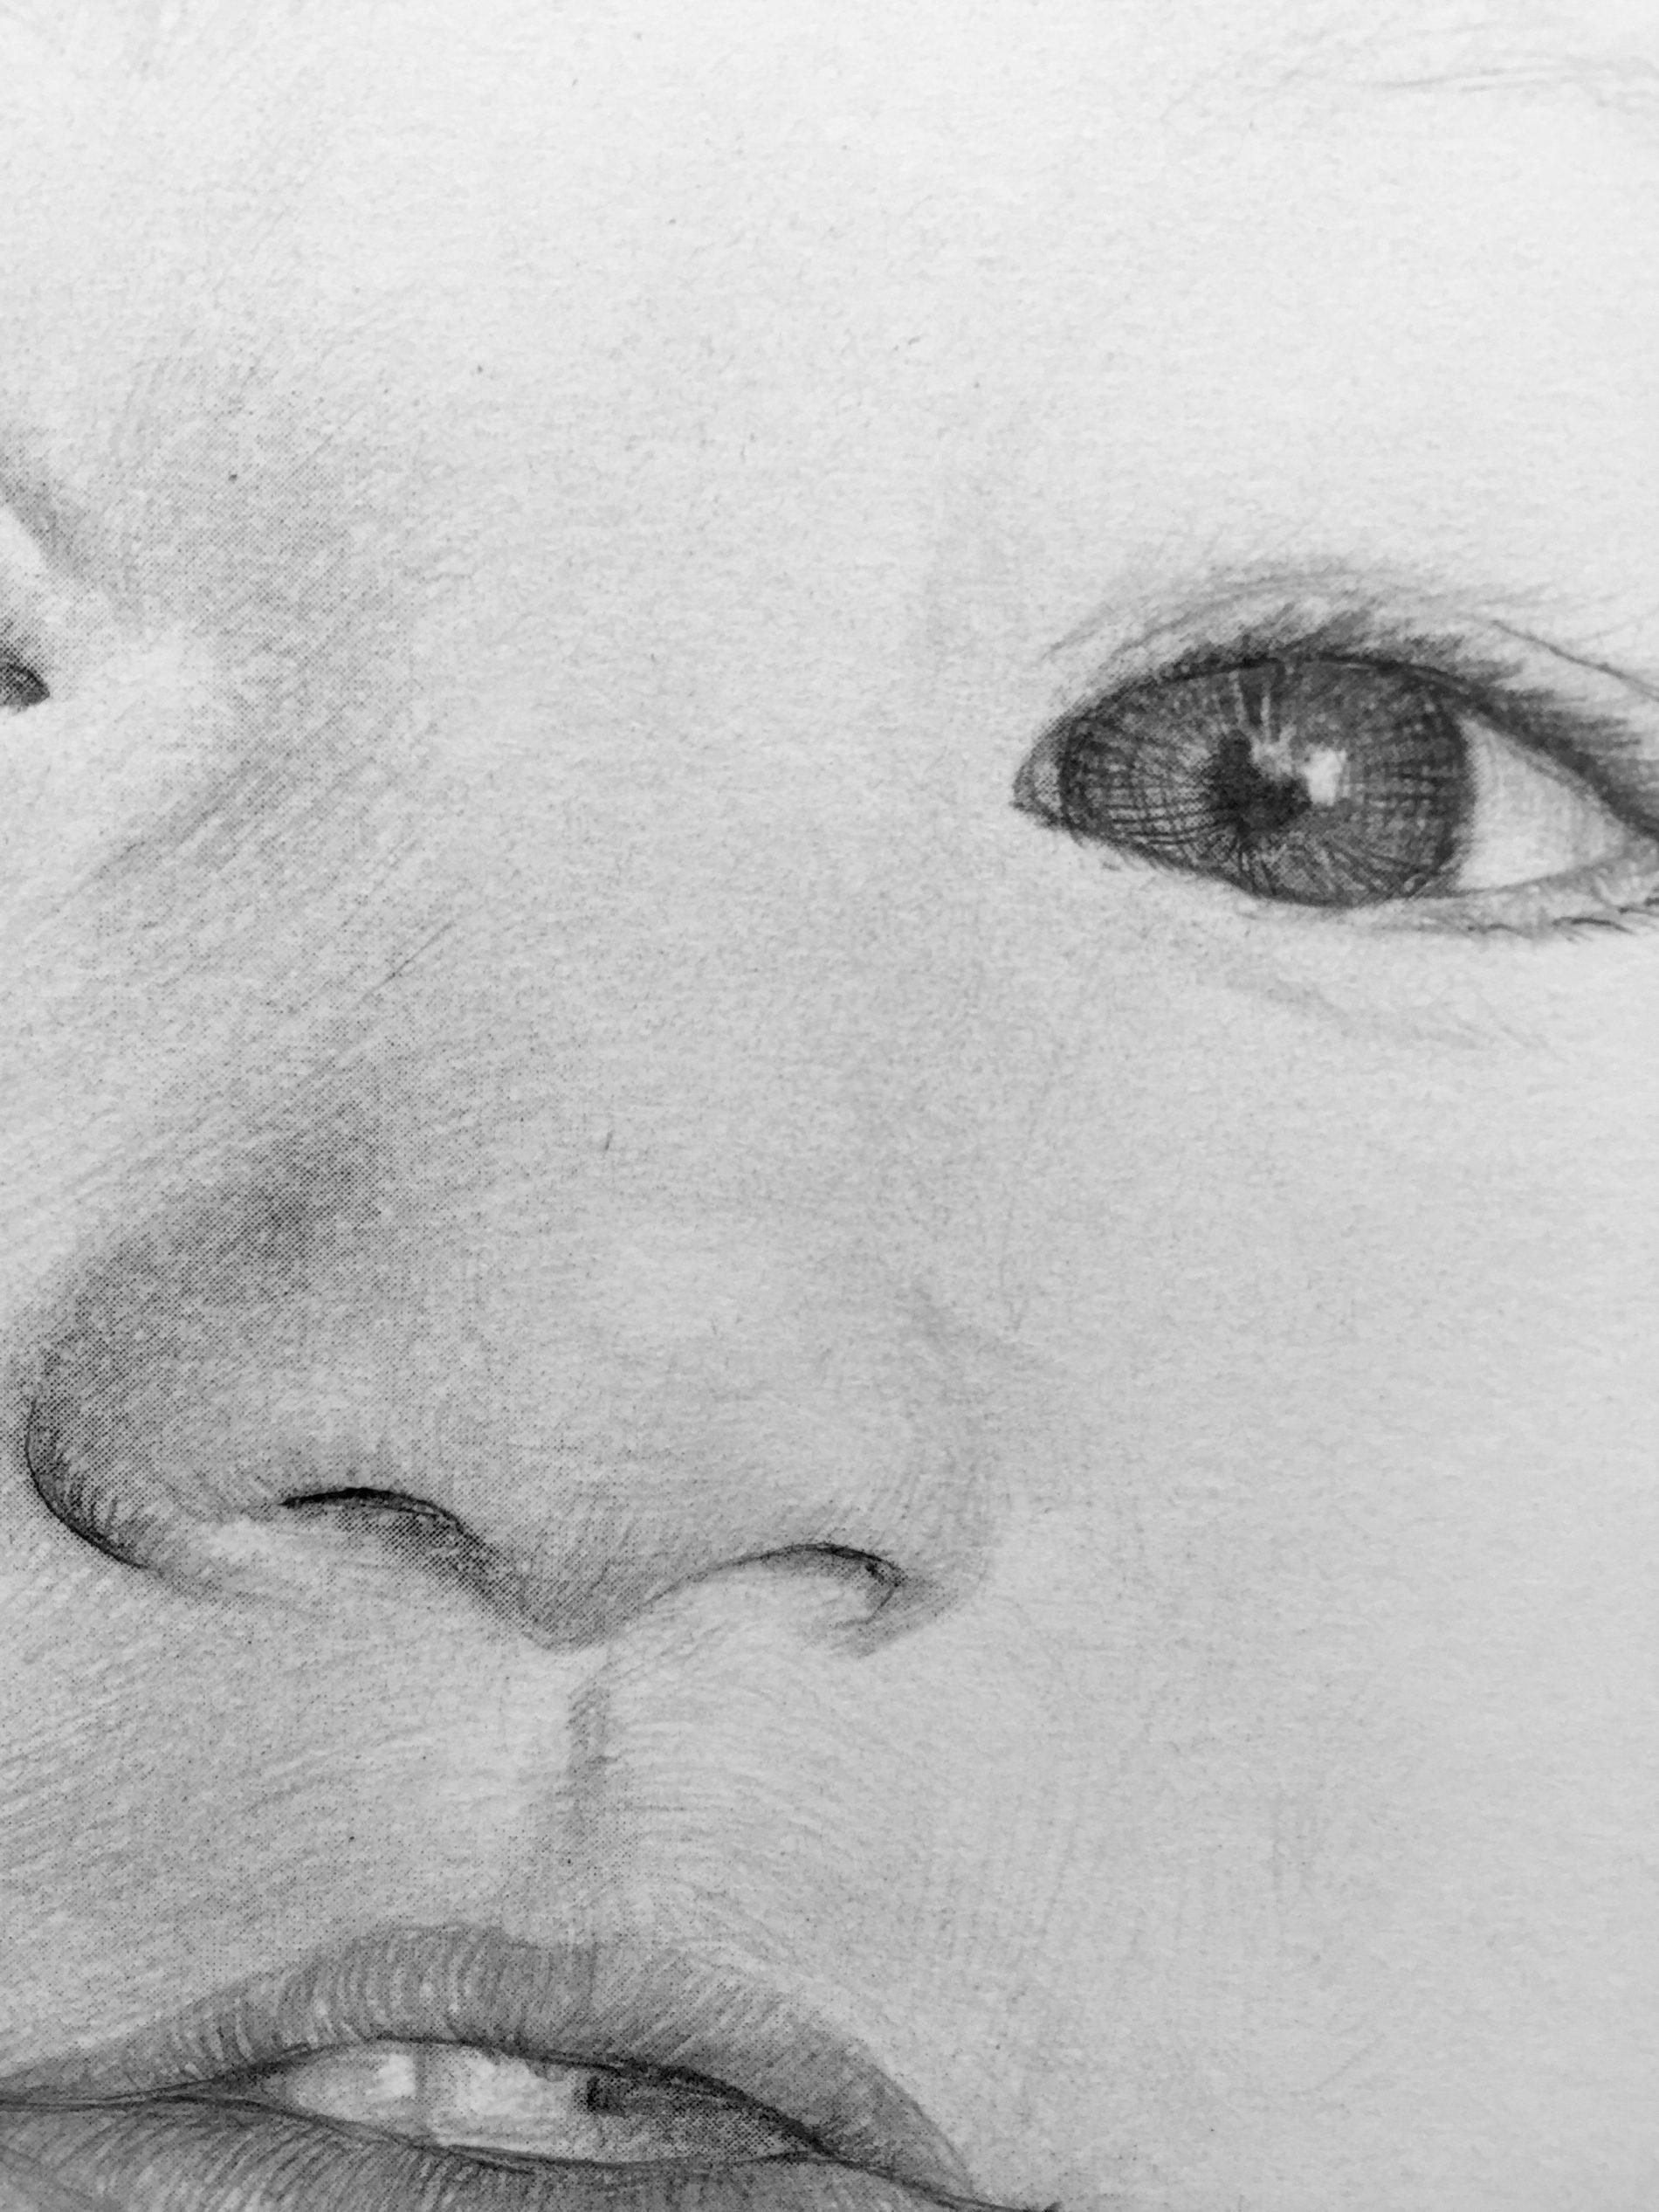 retratos-por-encargo-52-detalle-e1488877482873